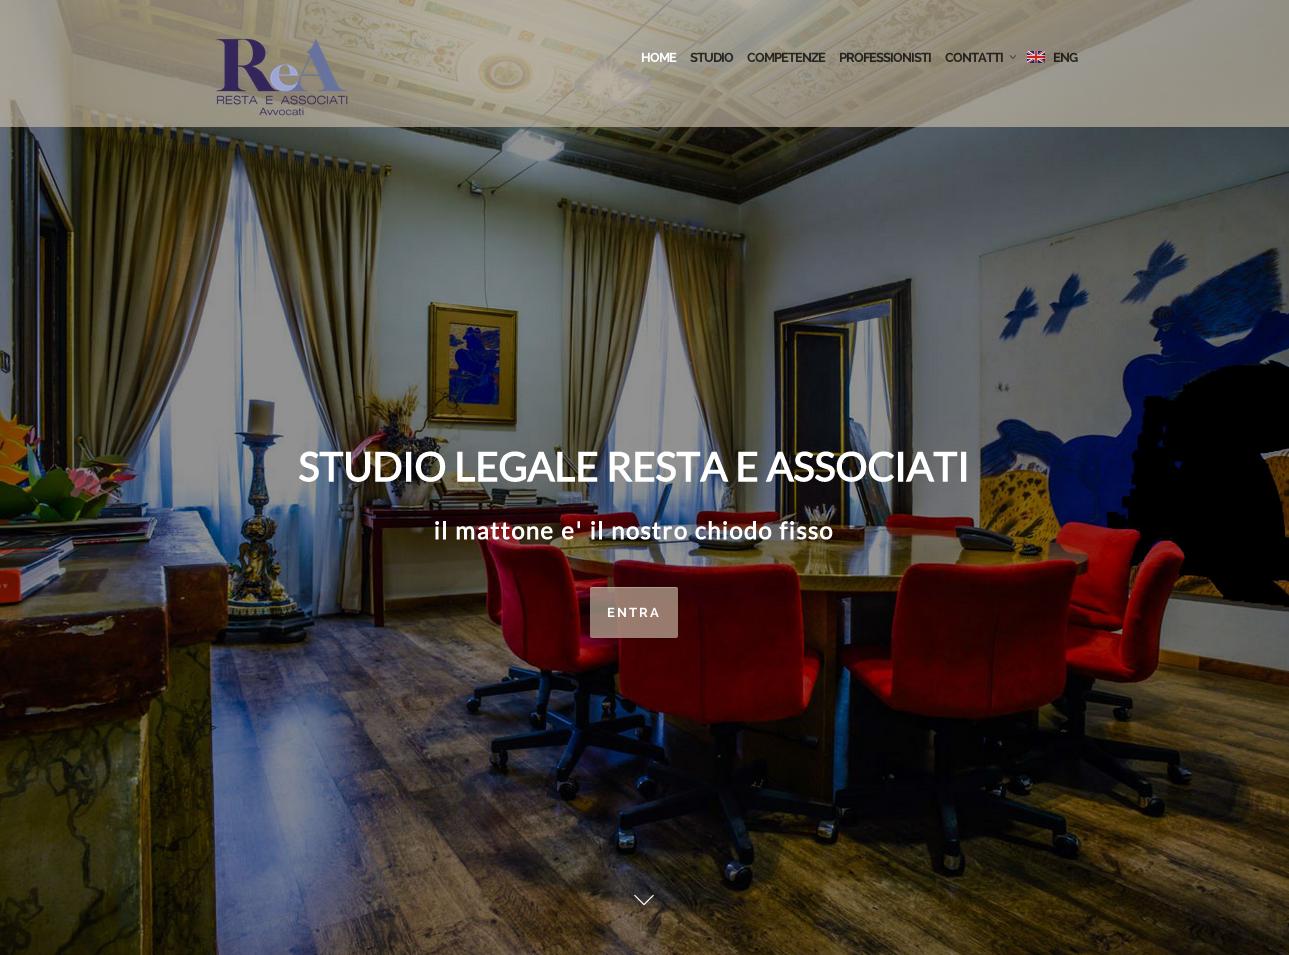 Studio Legale Resta e Associati